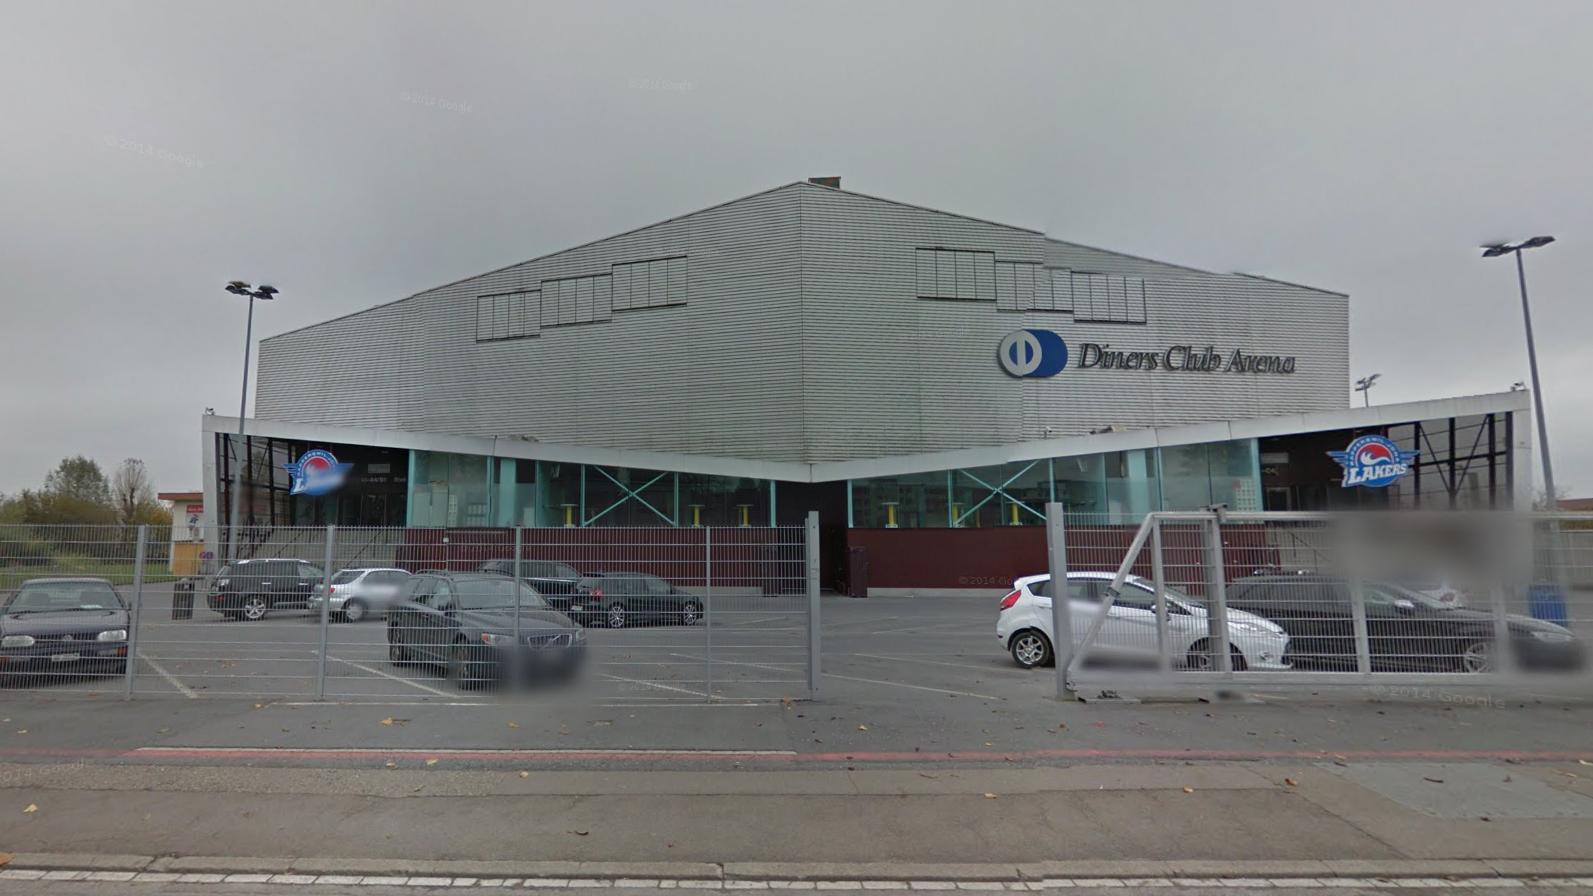 Die Diners Club Arena wird umbenannt.